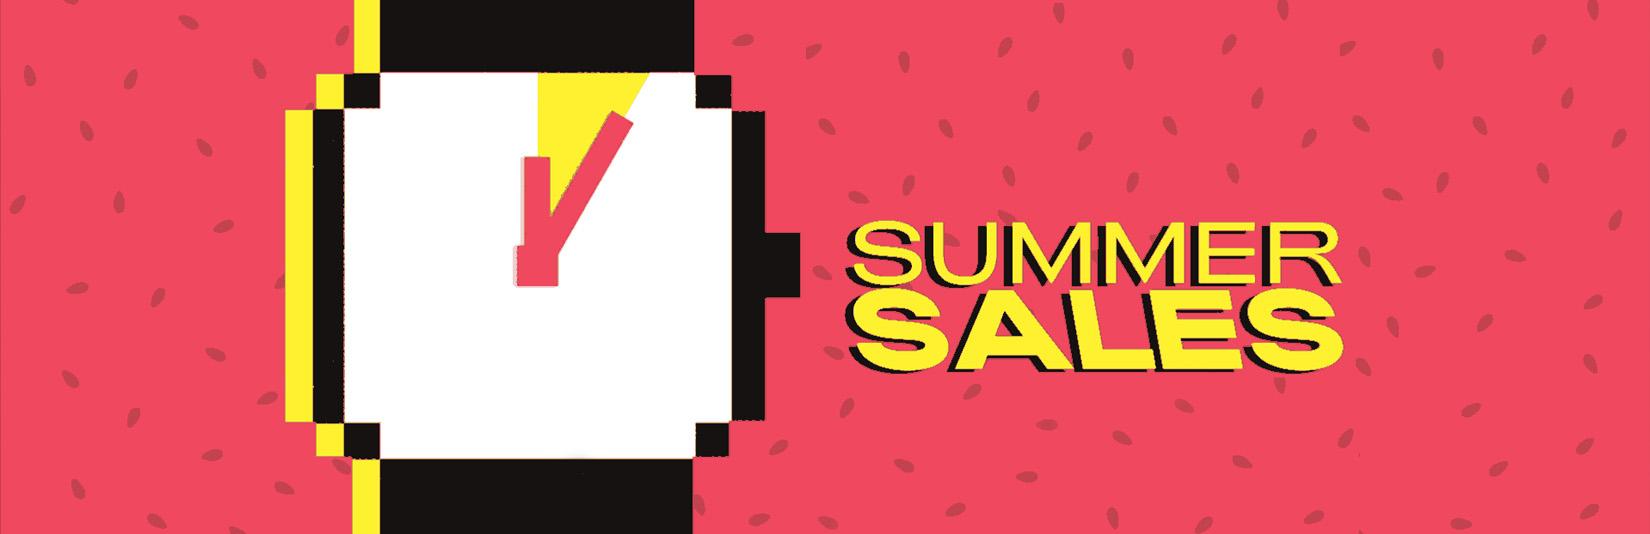 3683_Summer_Sale_019